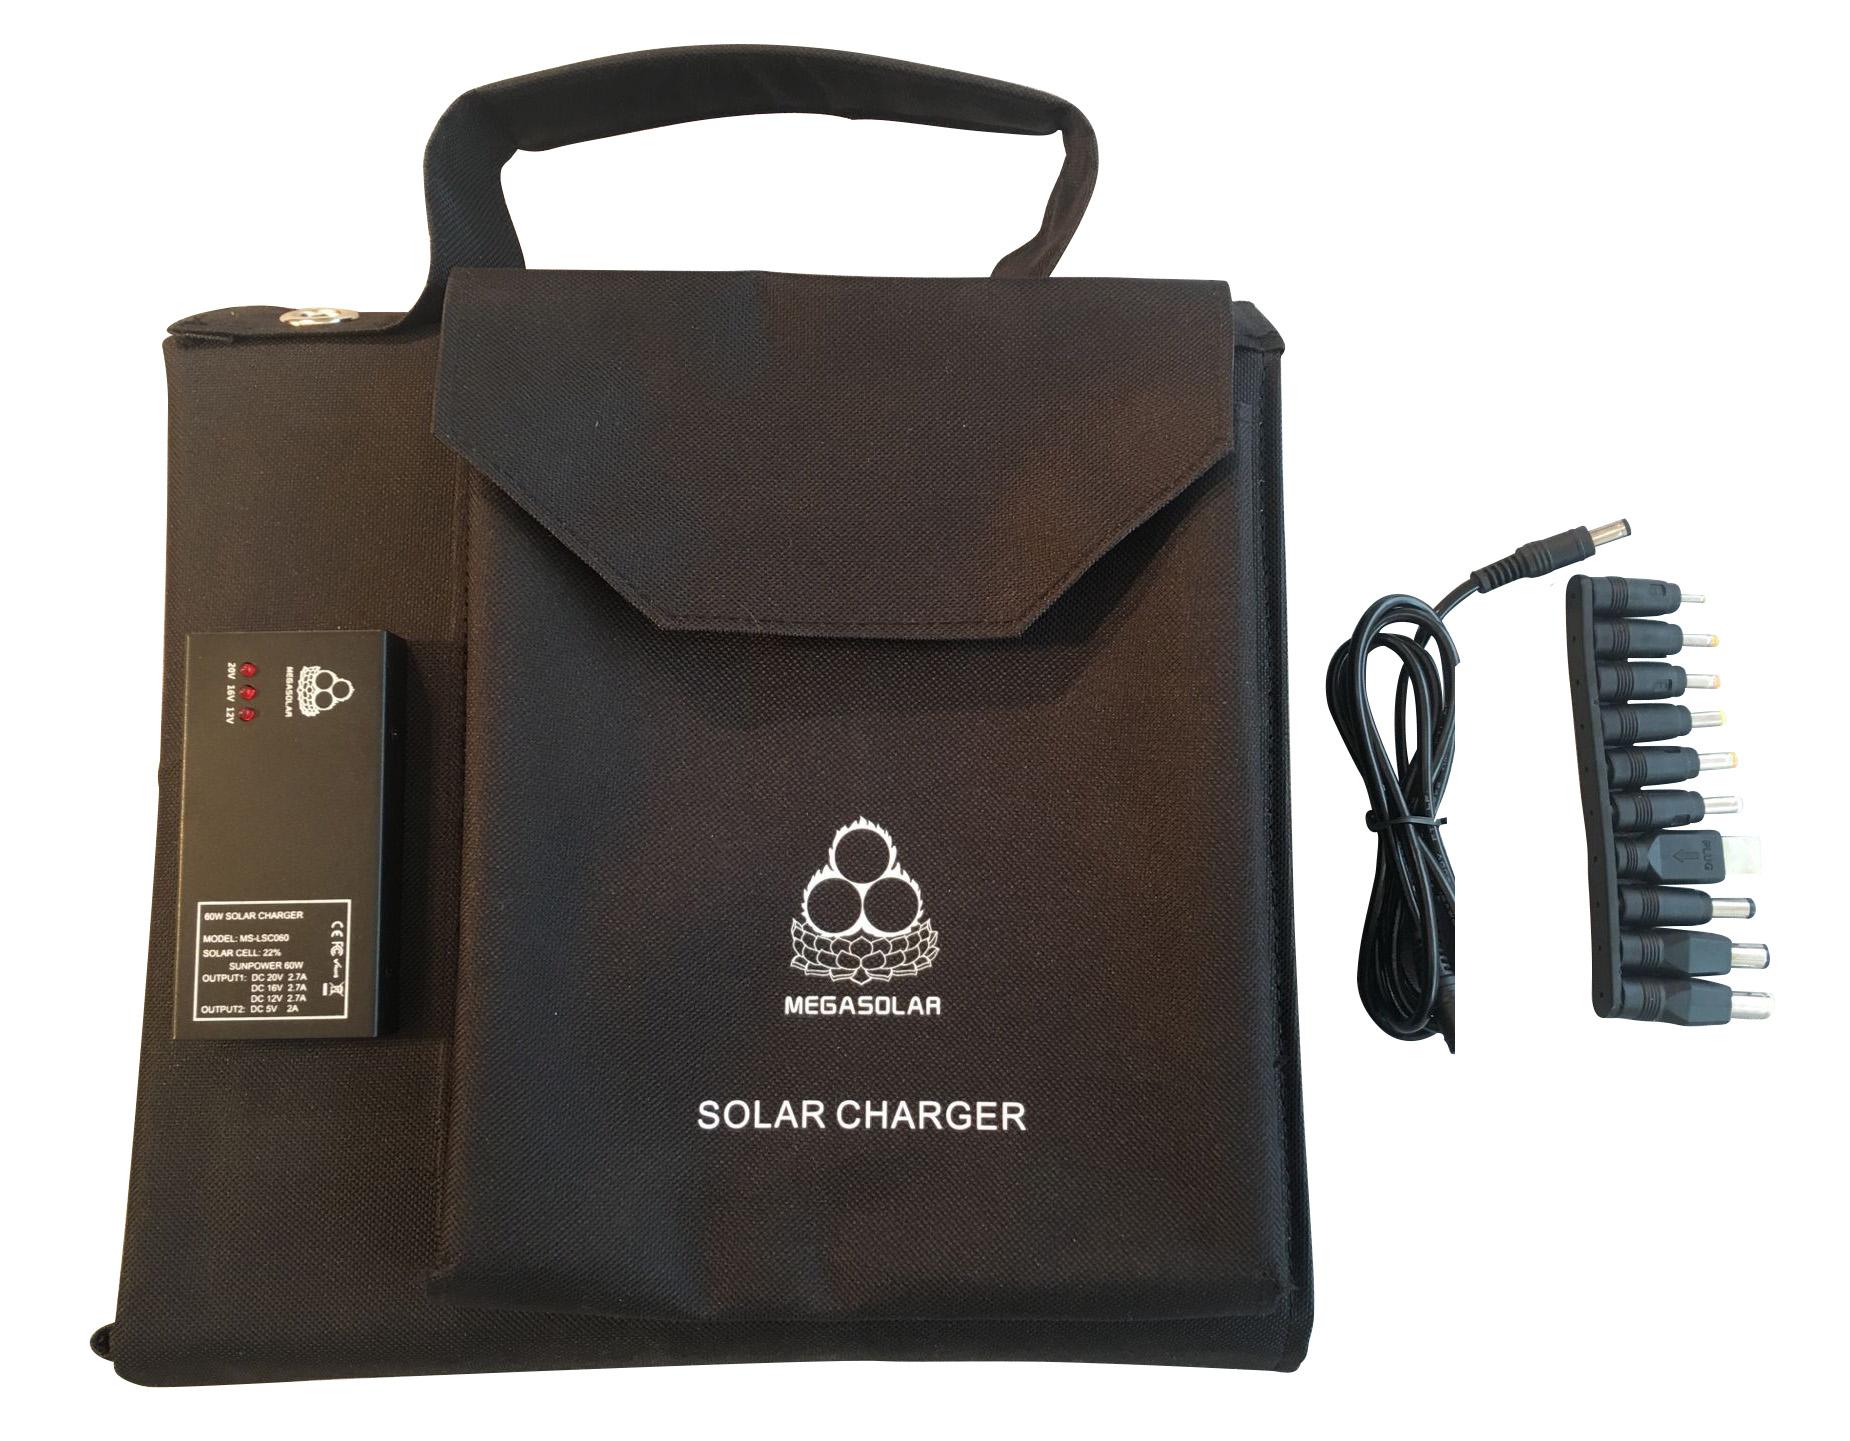 户外笔记本电脑充电1 - 60W折叠式太阳能充电器